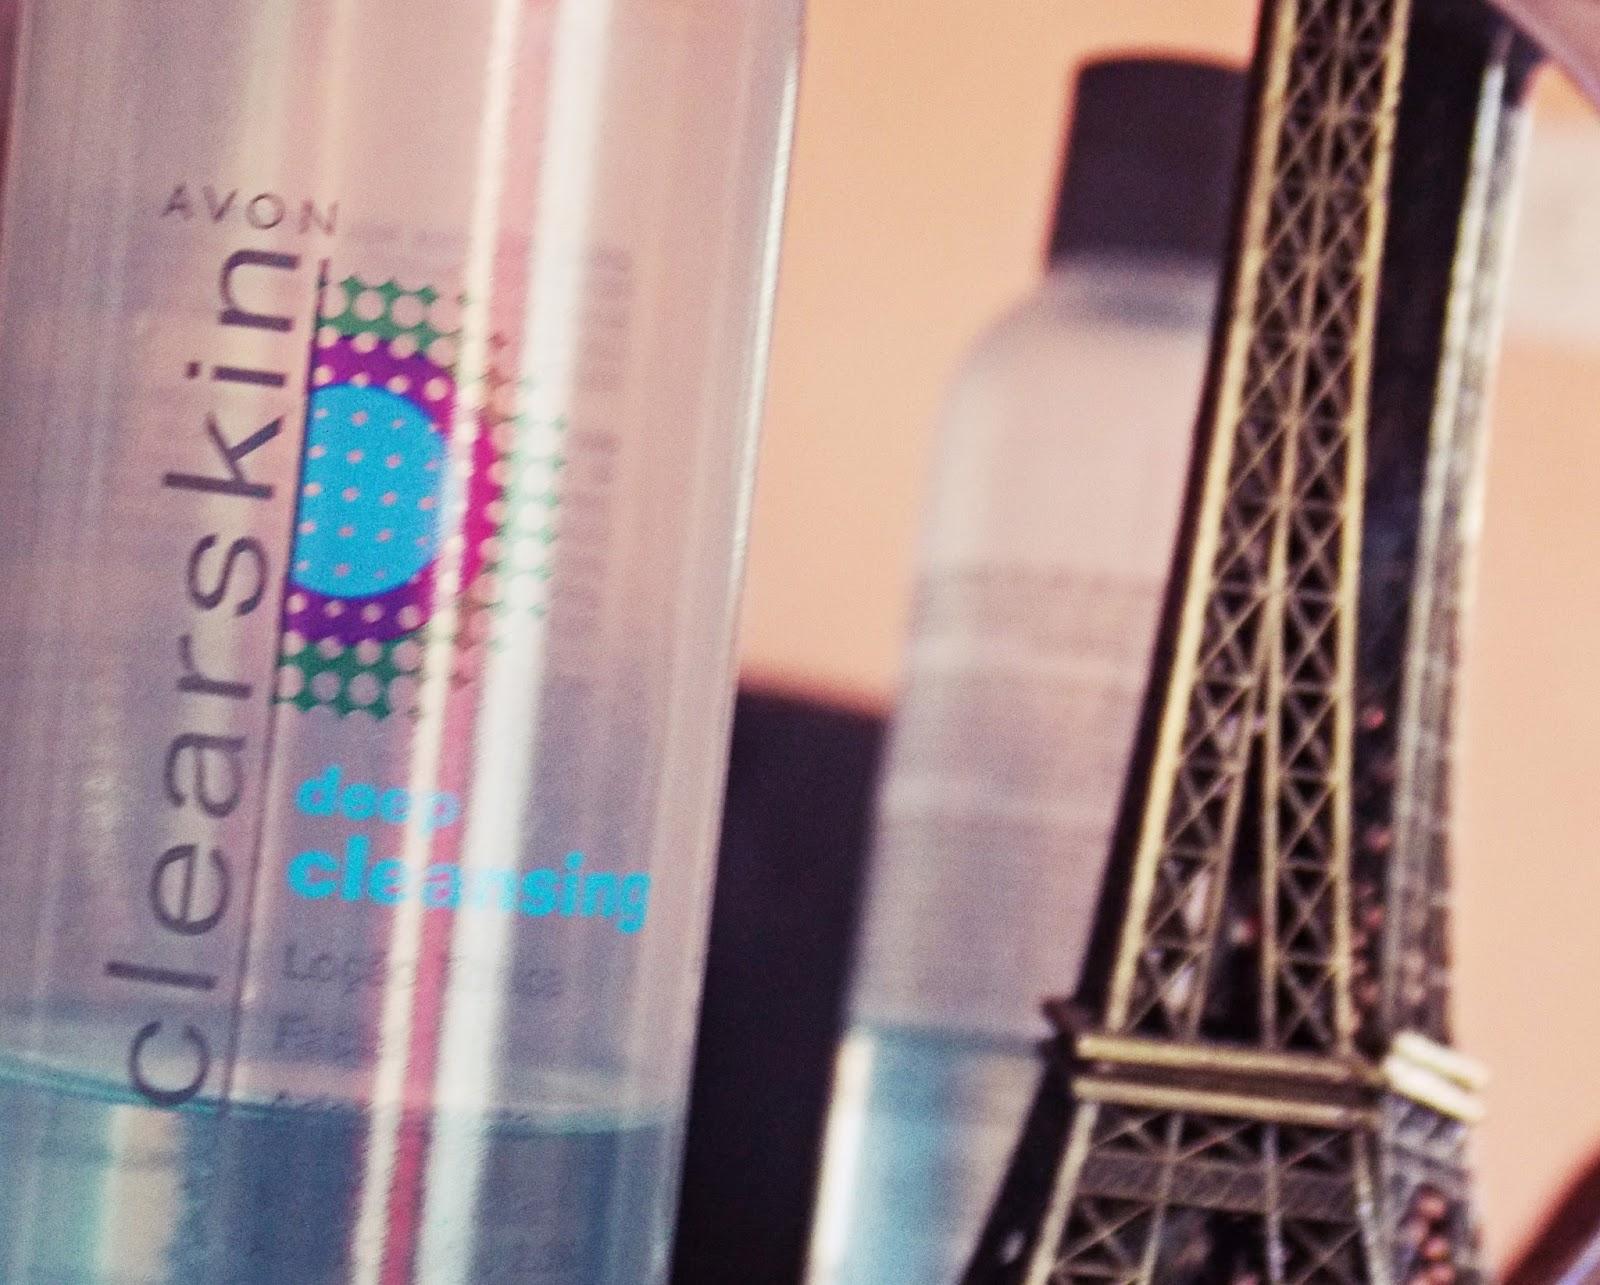 Produtos para limpeza de pele - Loção tônico facial adstringente Avon